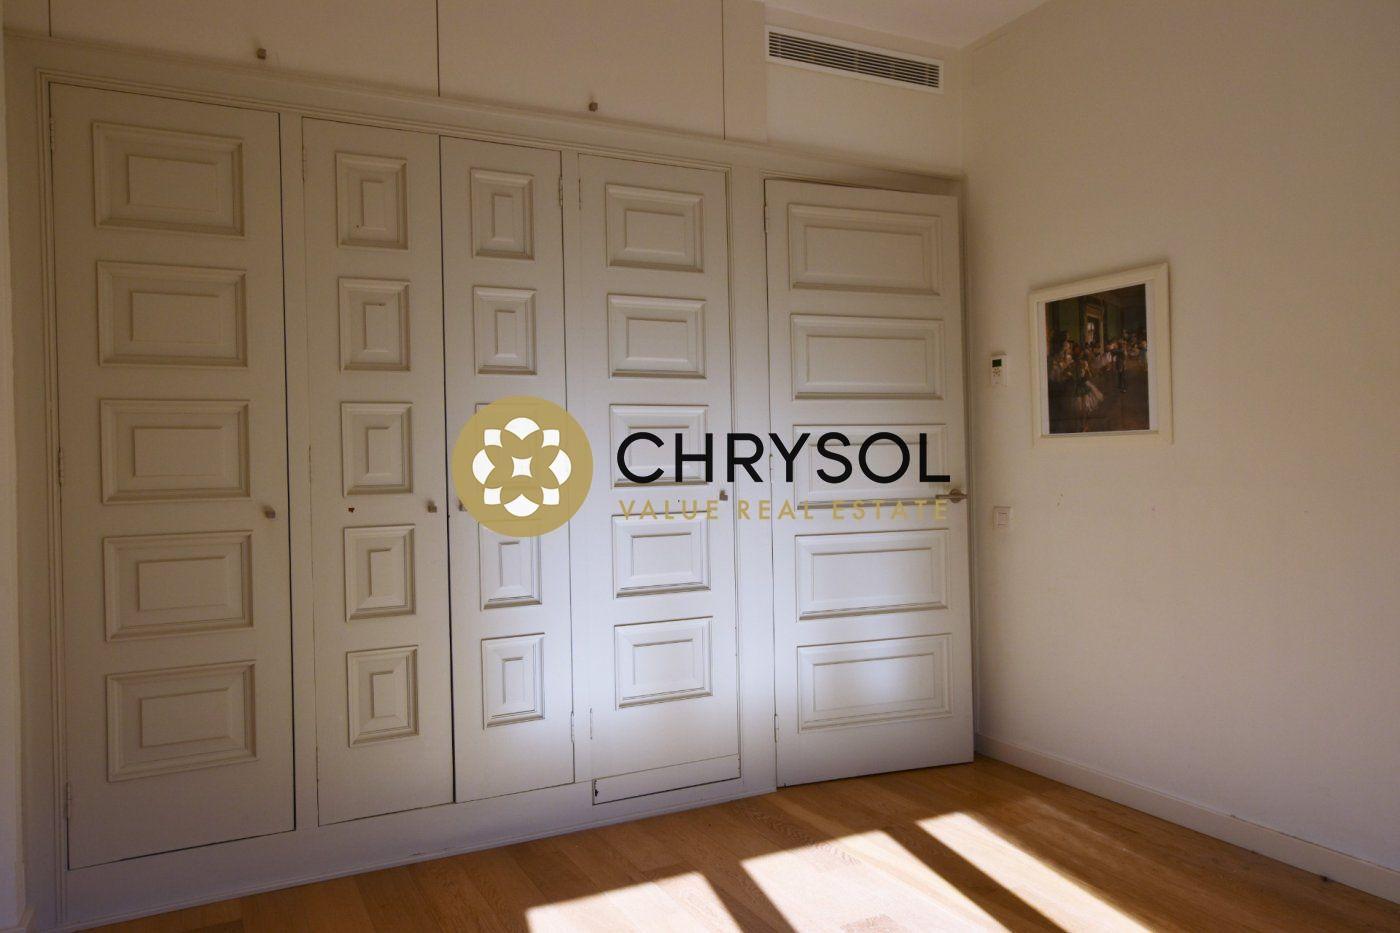 Fotogalería - 24 - Chrysol Value